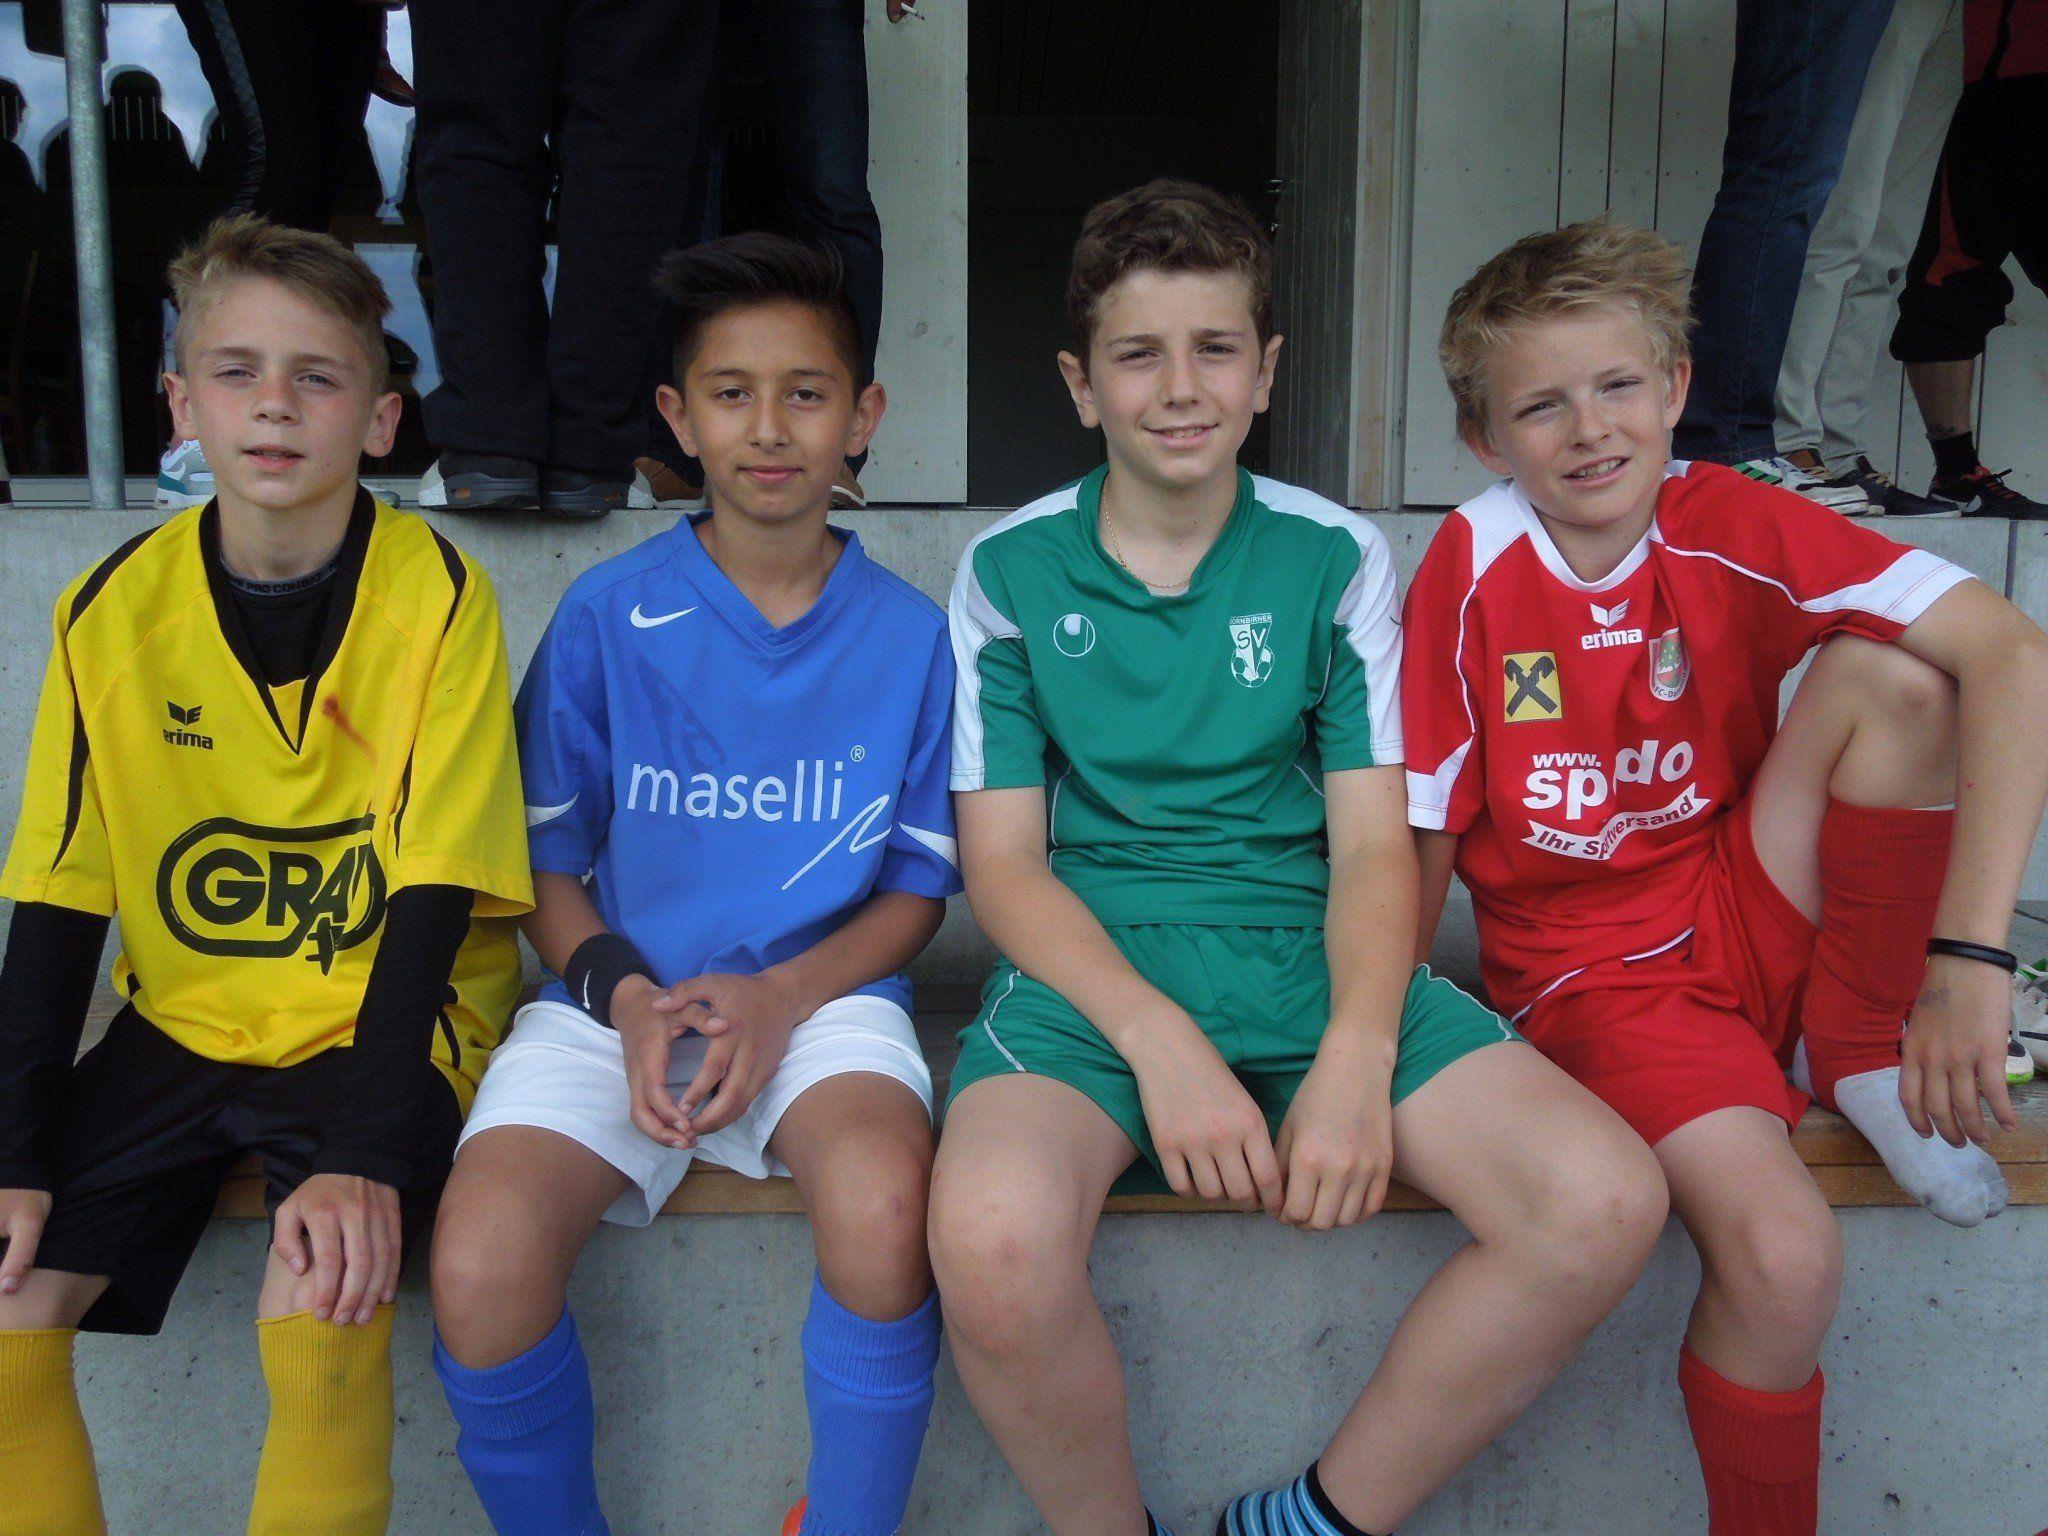 Vier Teams, eine Leidenschaft. Beim Stadtcup trifft sich jedes Jahr Dornbirns Fußballjugend.